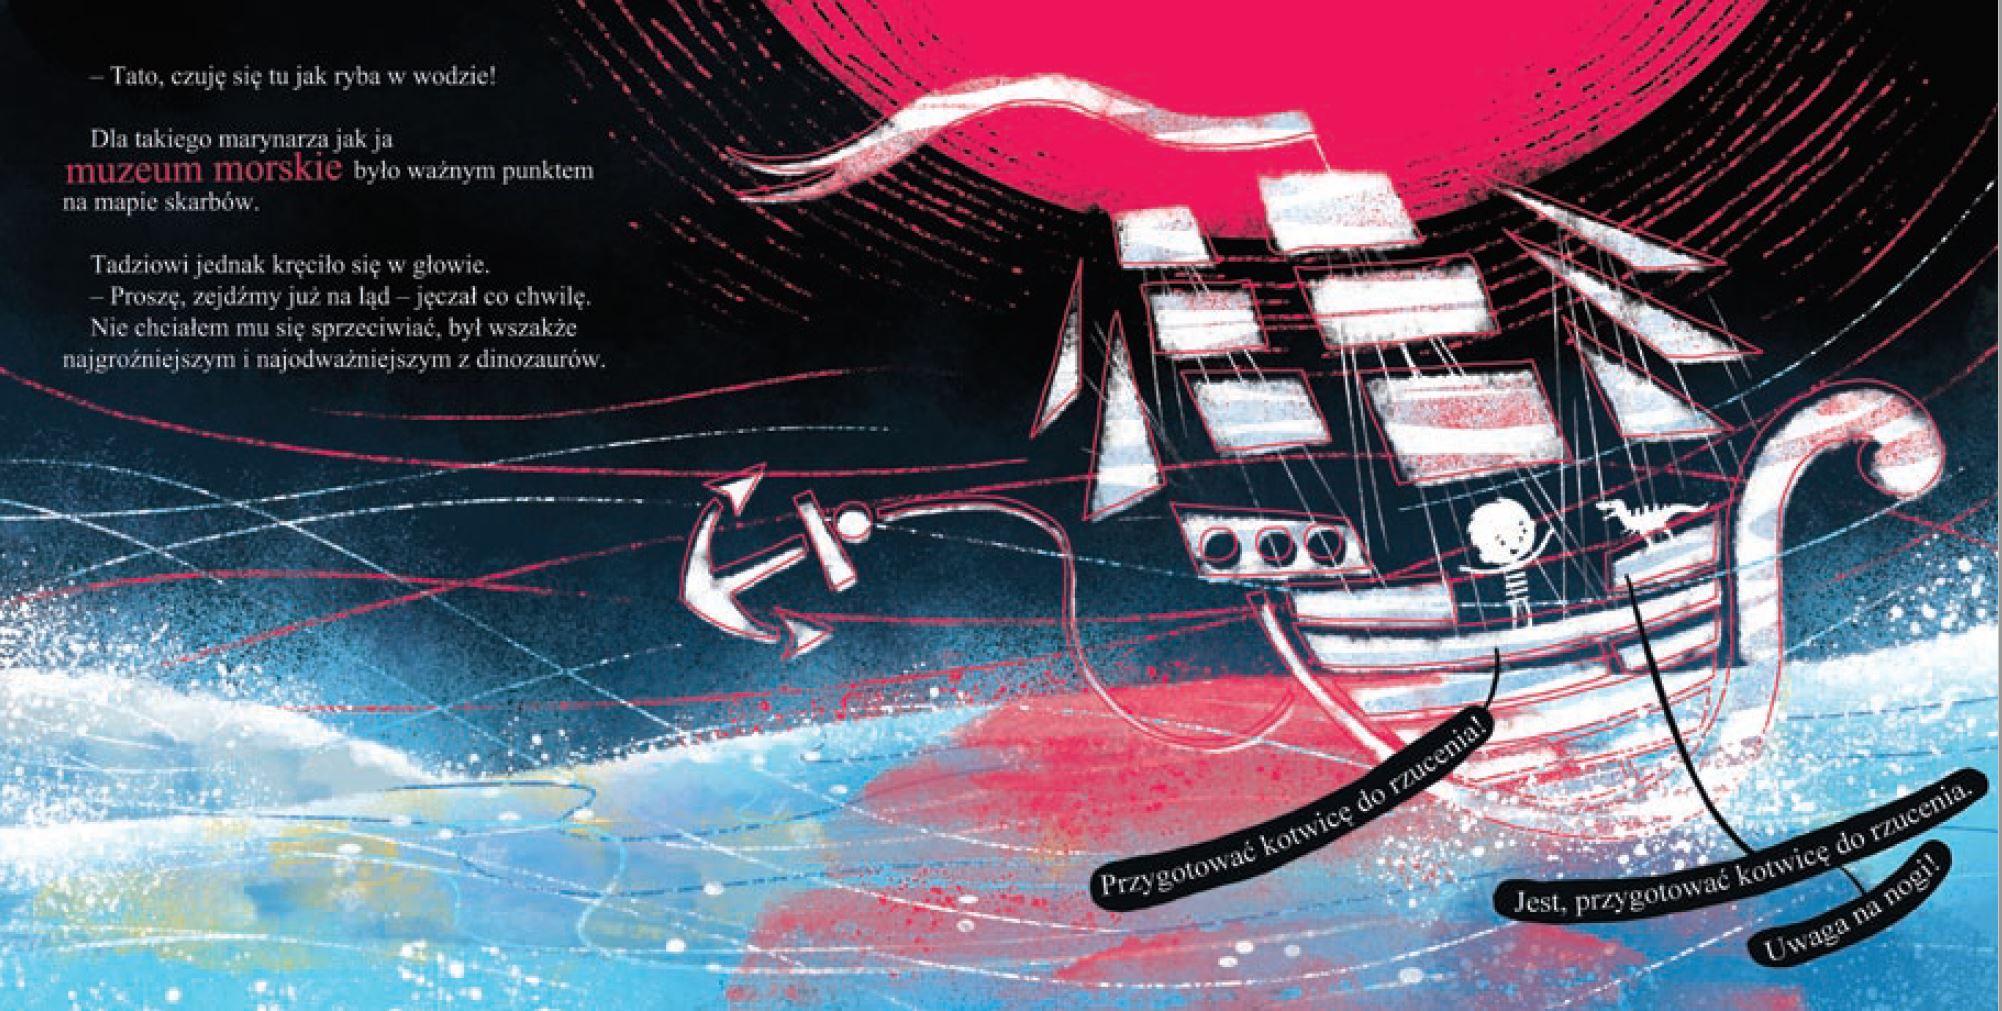 6673ab0163826 ISBN: 978-83-949890-0-2Warszawa 2018data premiery: 4 lutego 2018format:  225mm x 225mmoprawa: twardailość stron: 28